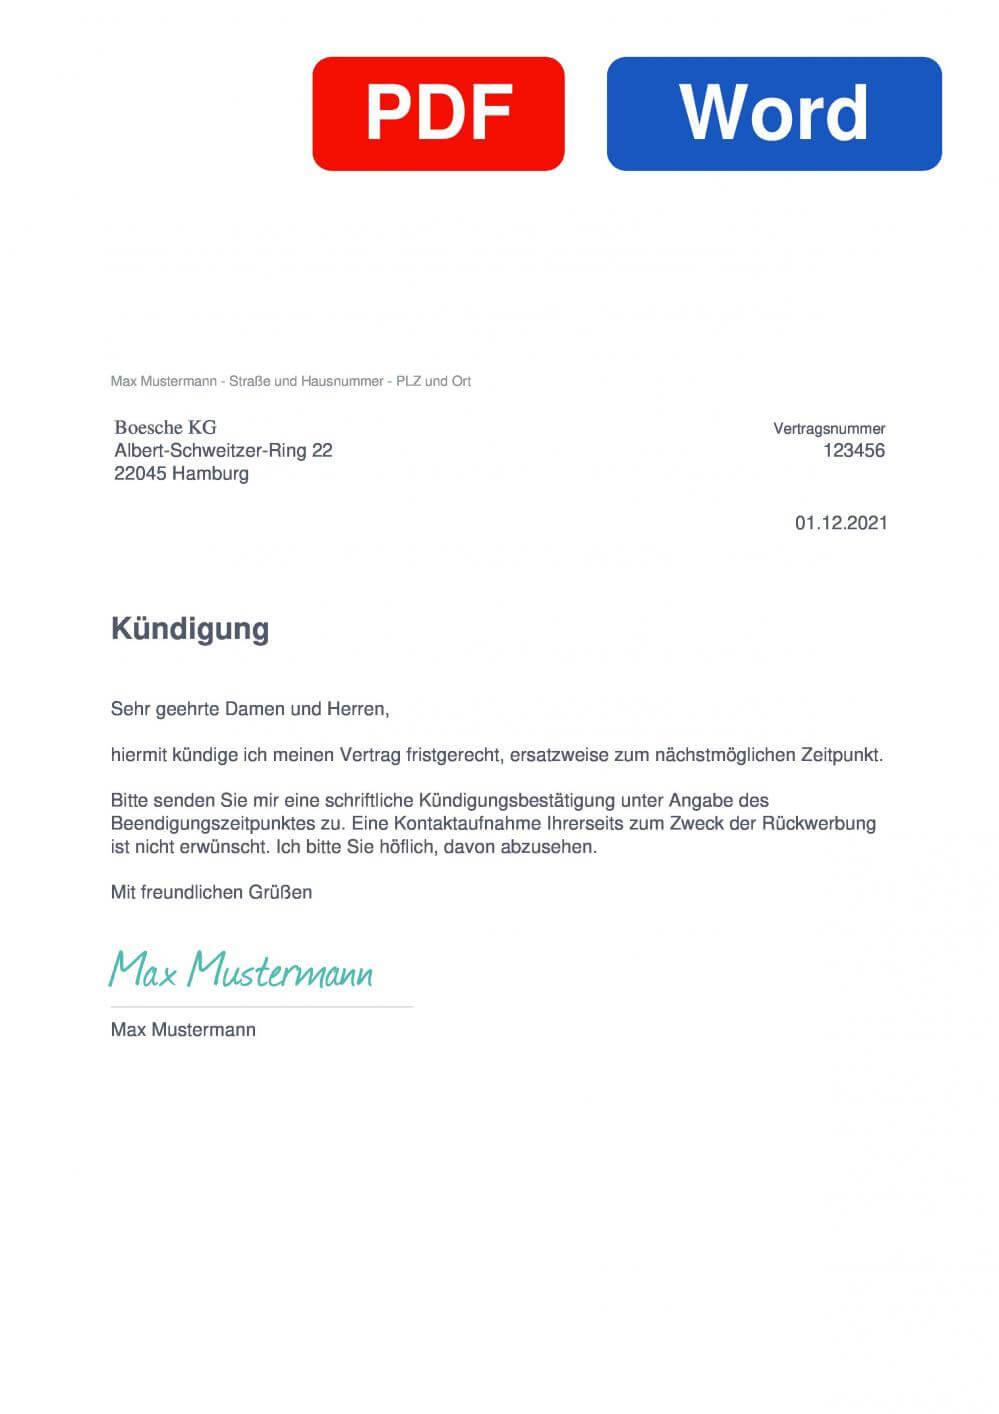 SKL Boesche Muster Vorlage für Kündigungsschreiben